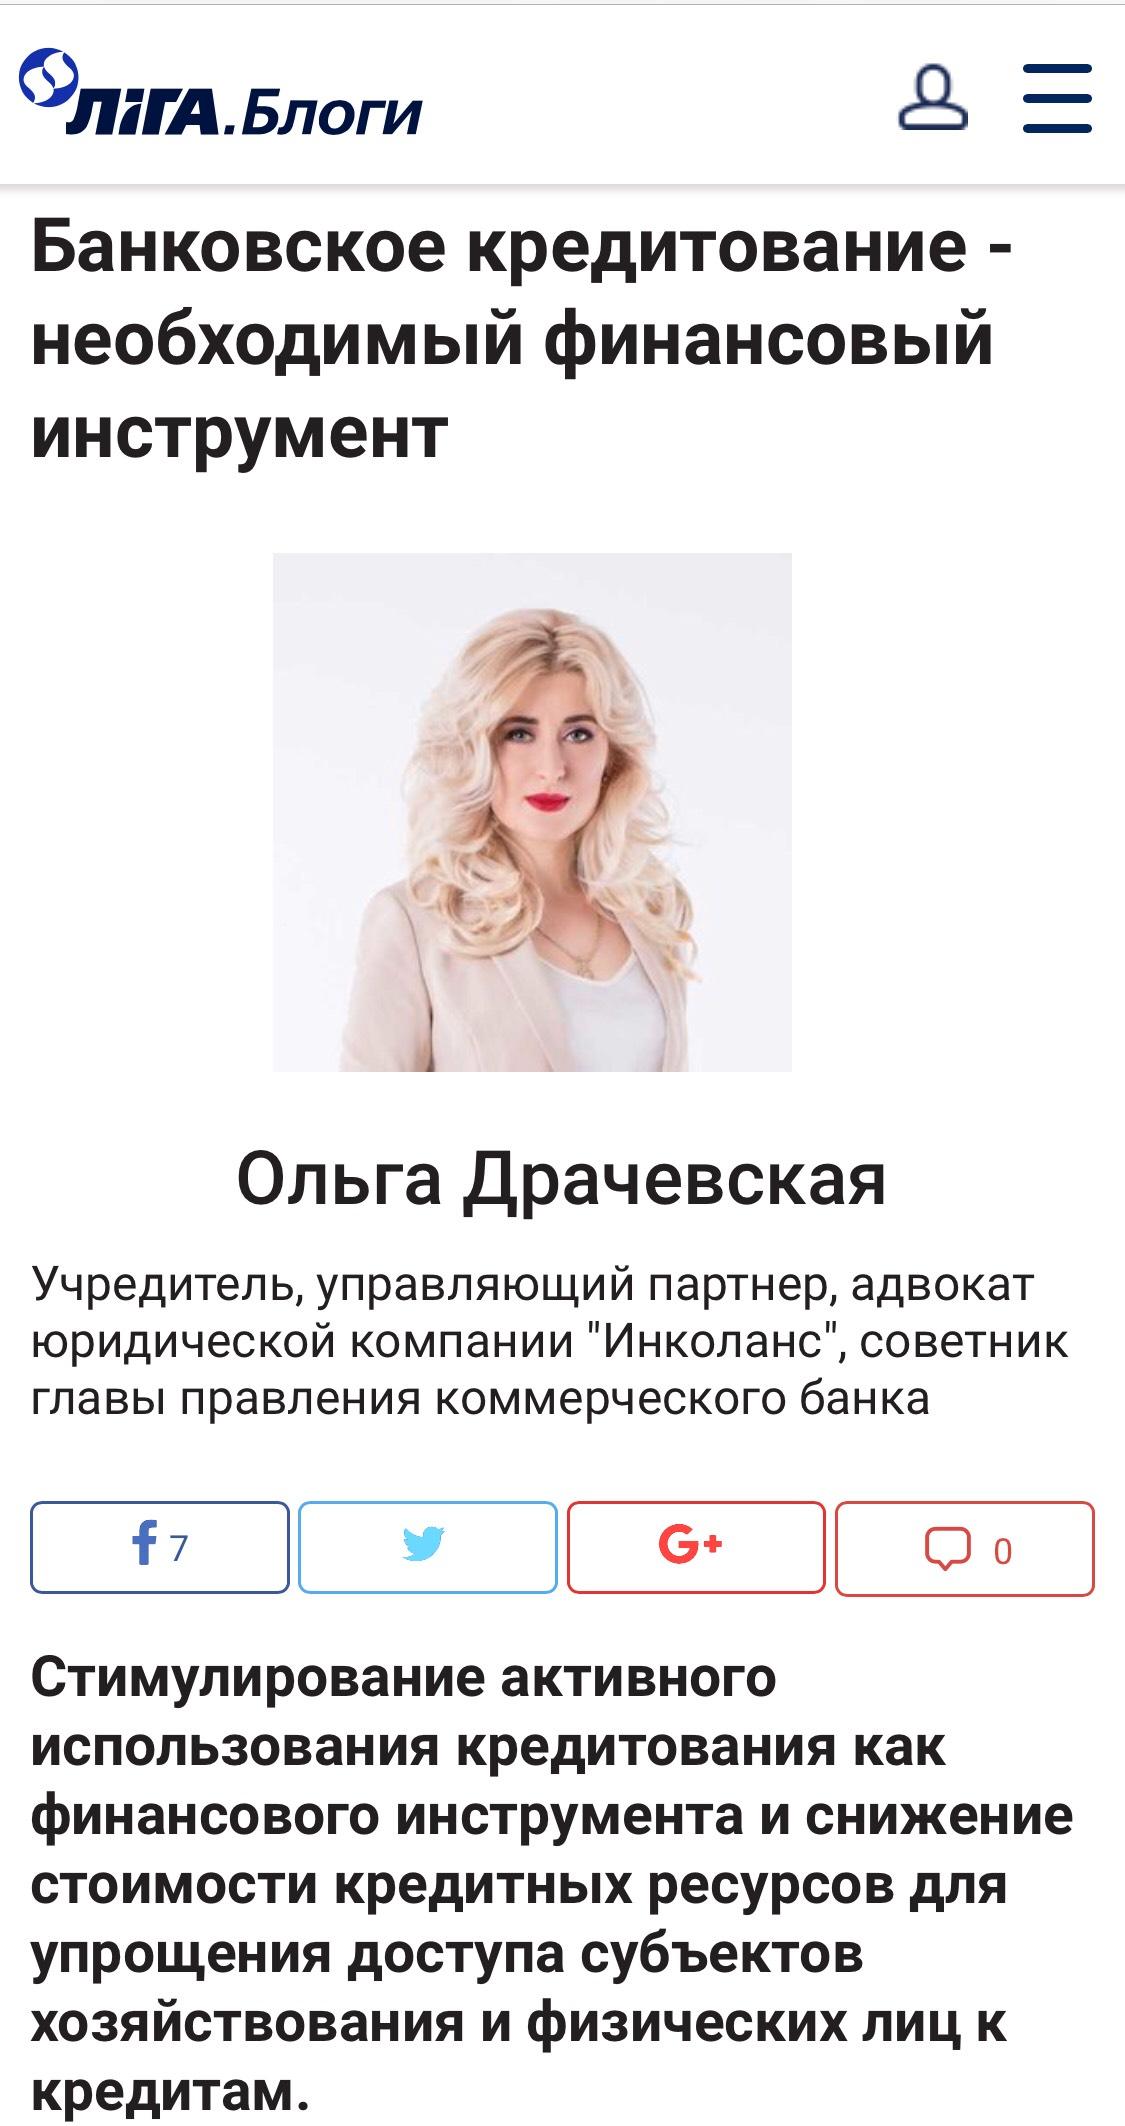 Drachevska Olga, Драчевская Ольга, Драчевська Ольга